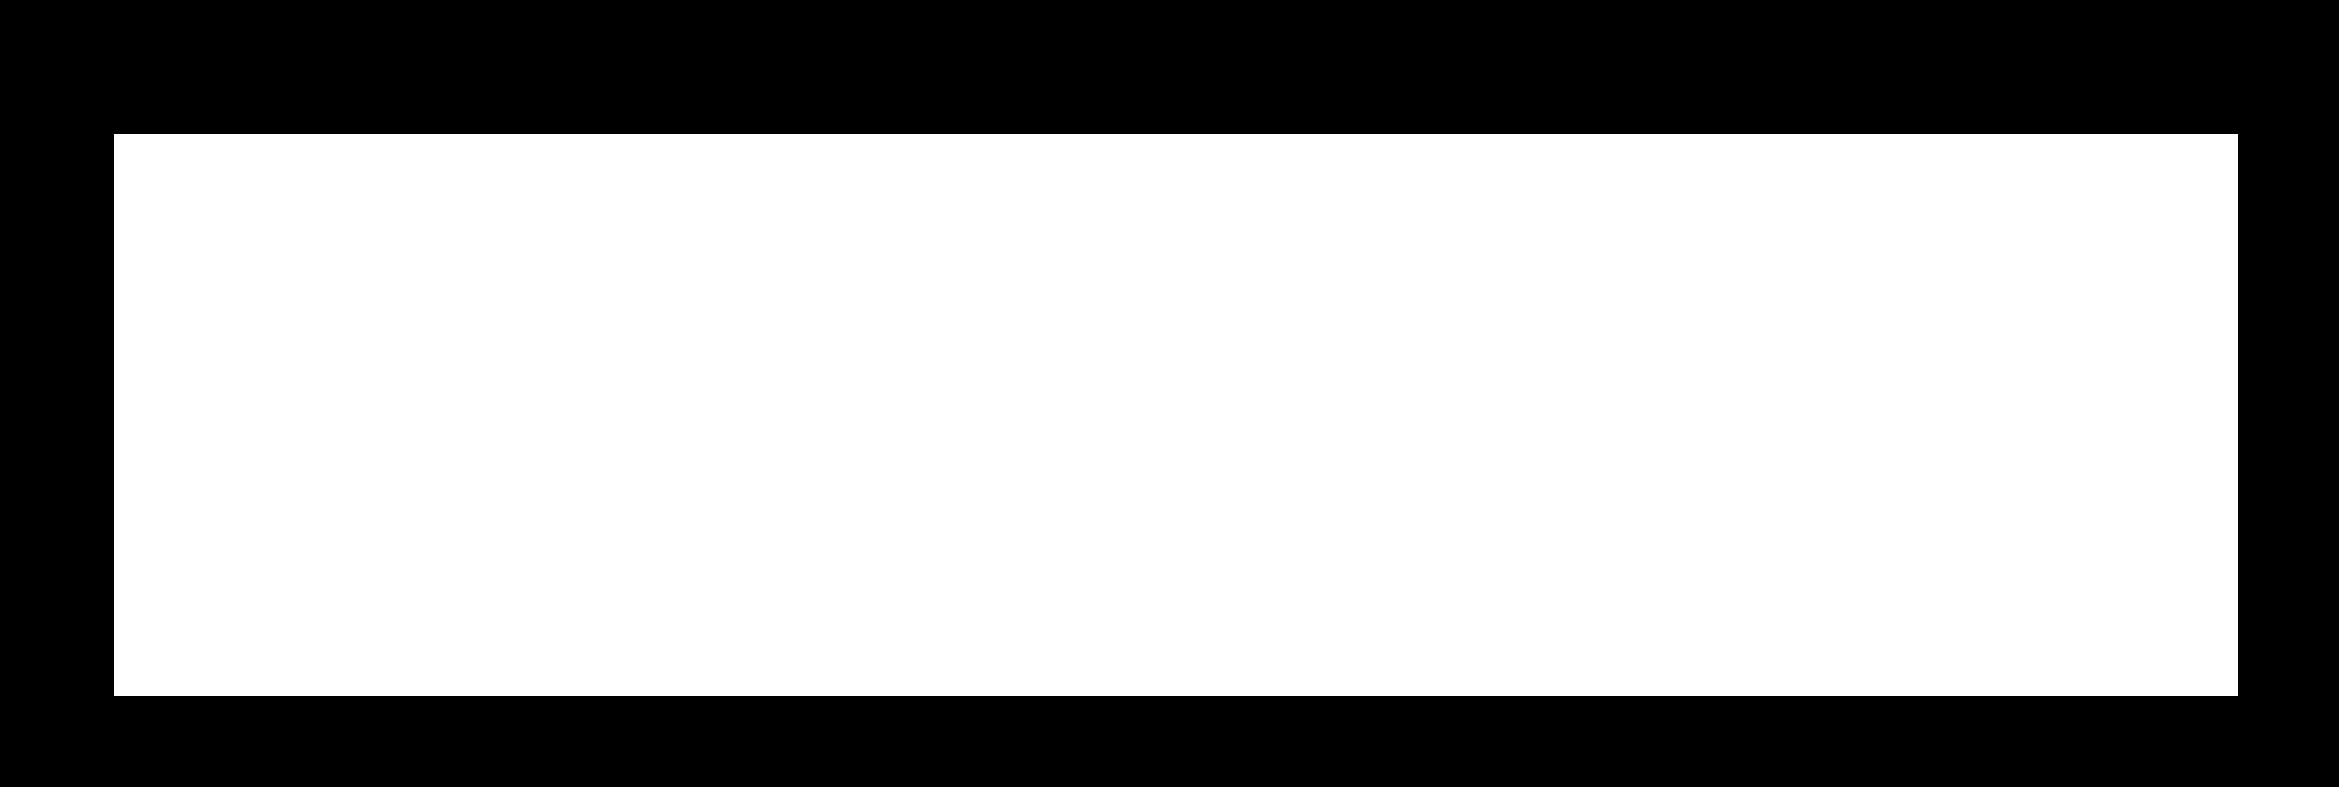 Helmschmied - Christian Grabert